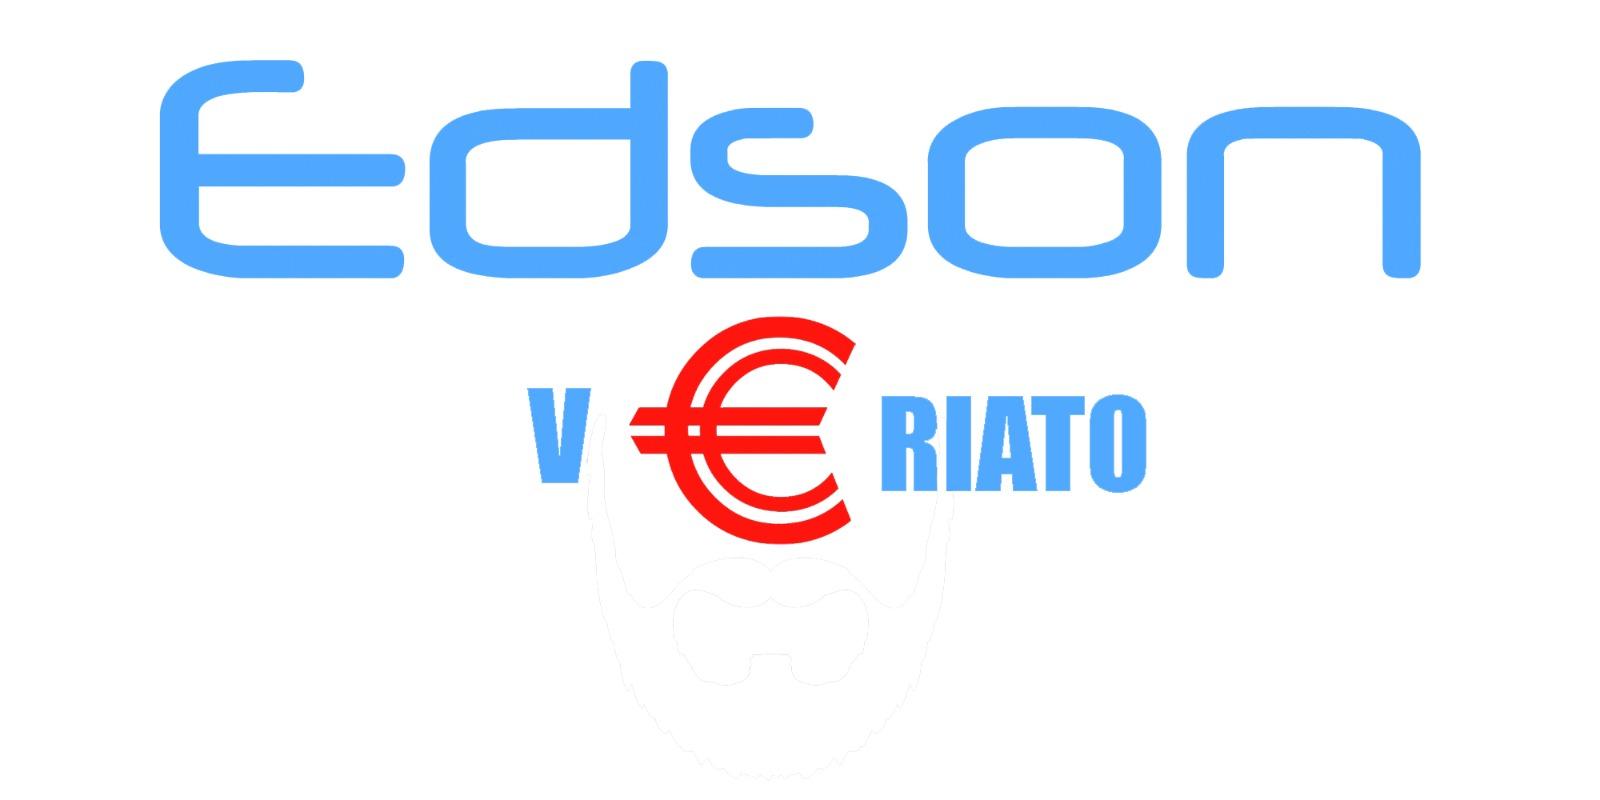 Edson Veriato, agora é site!!!